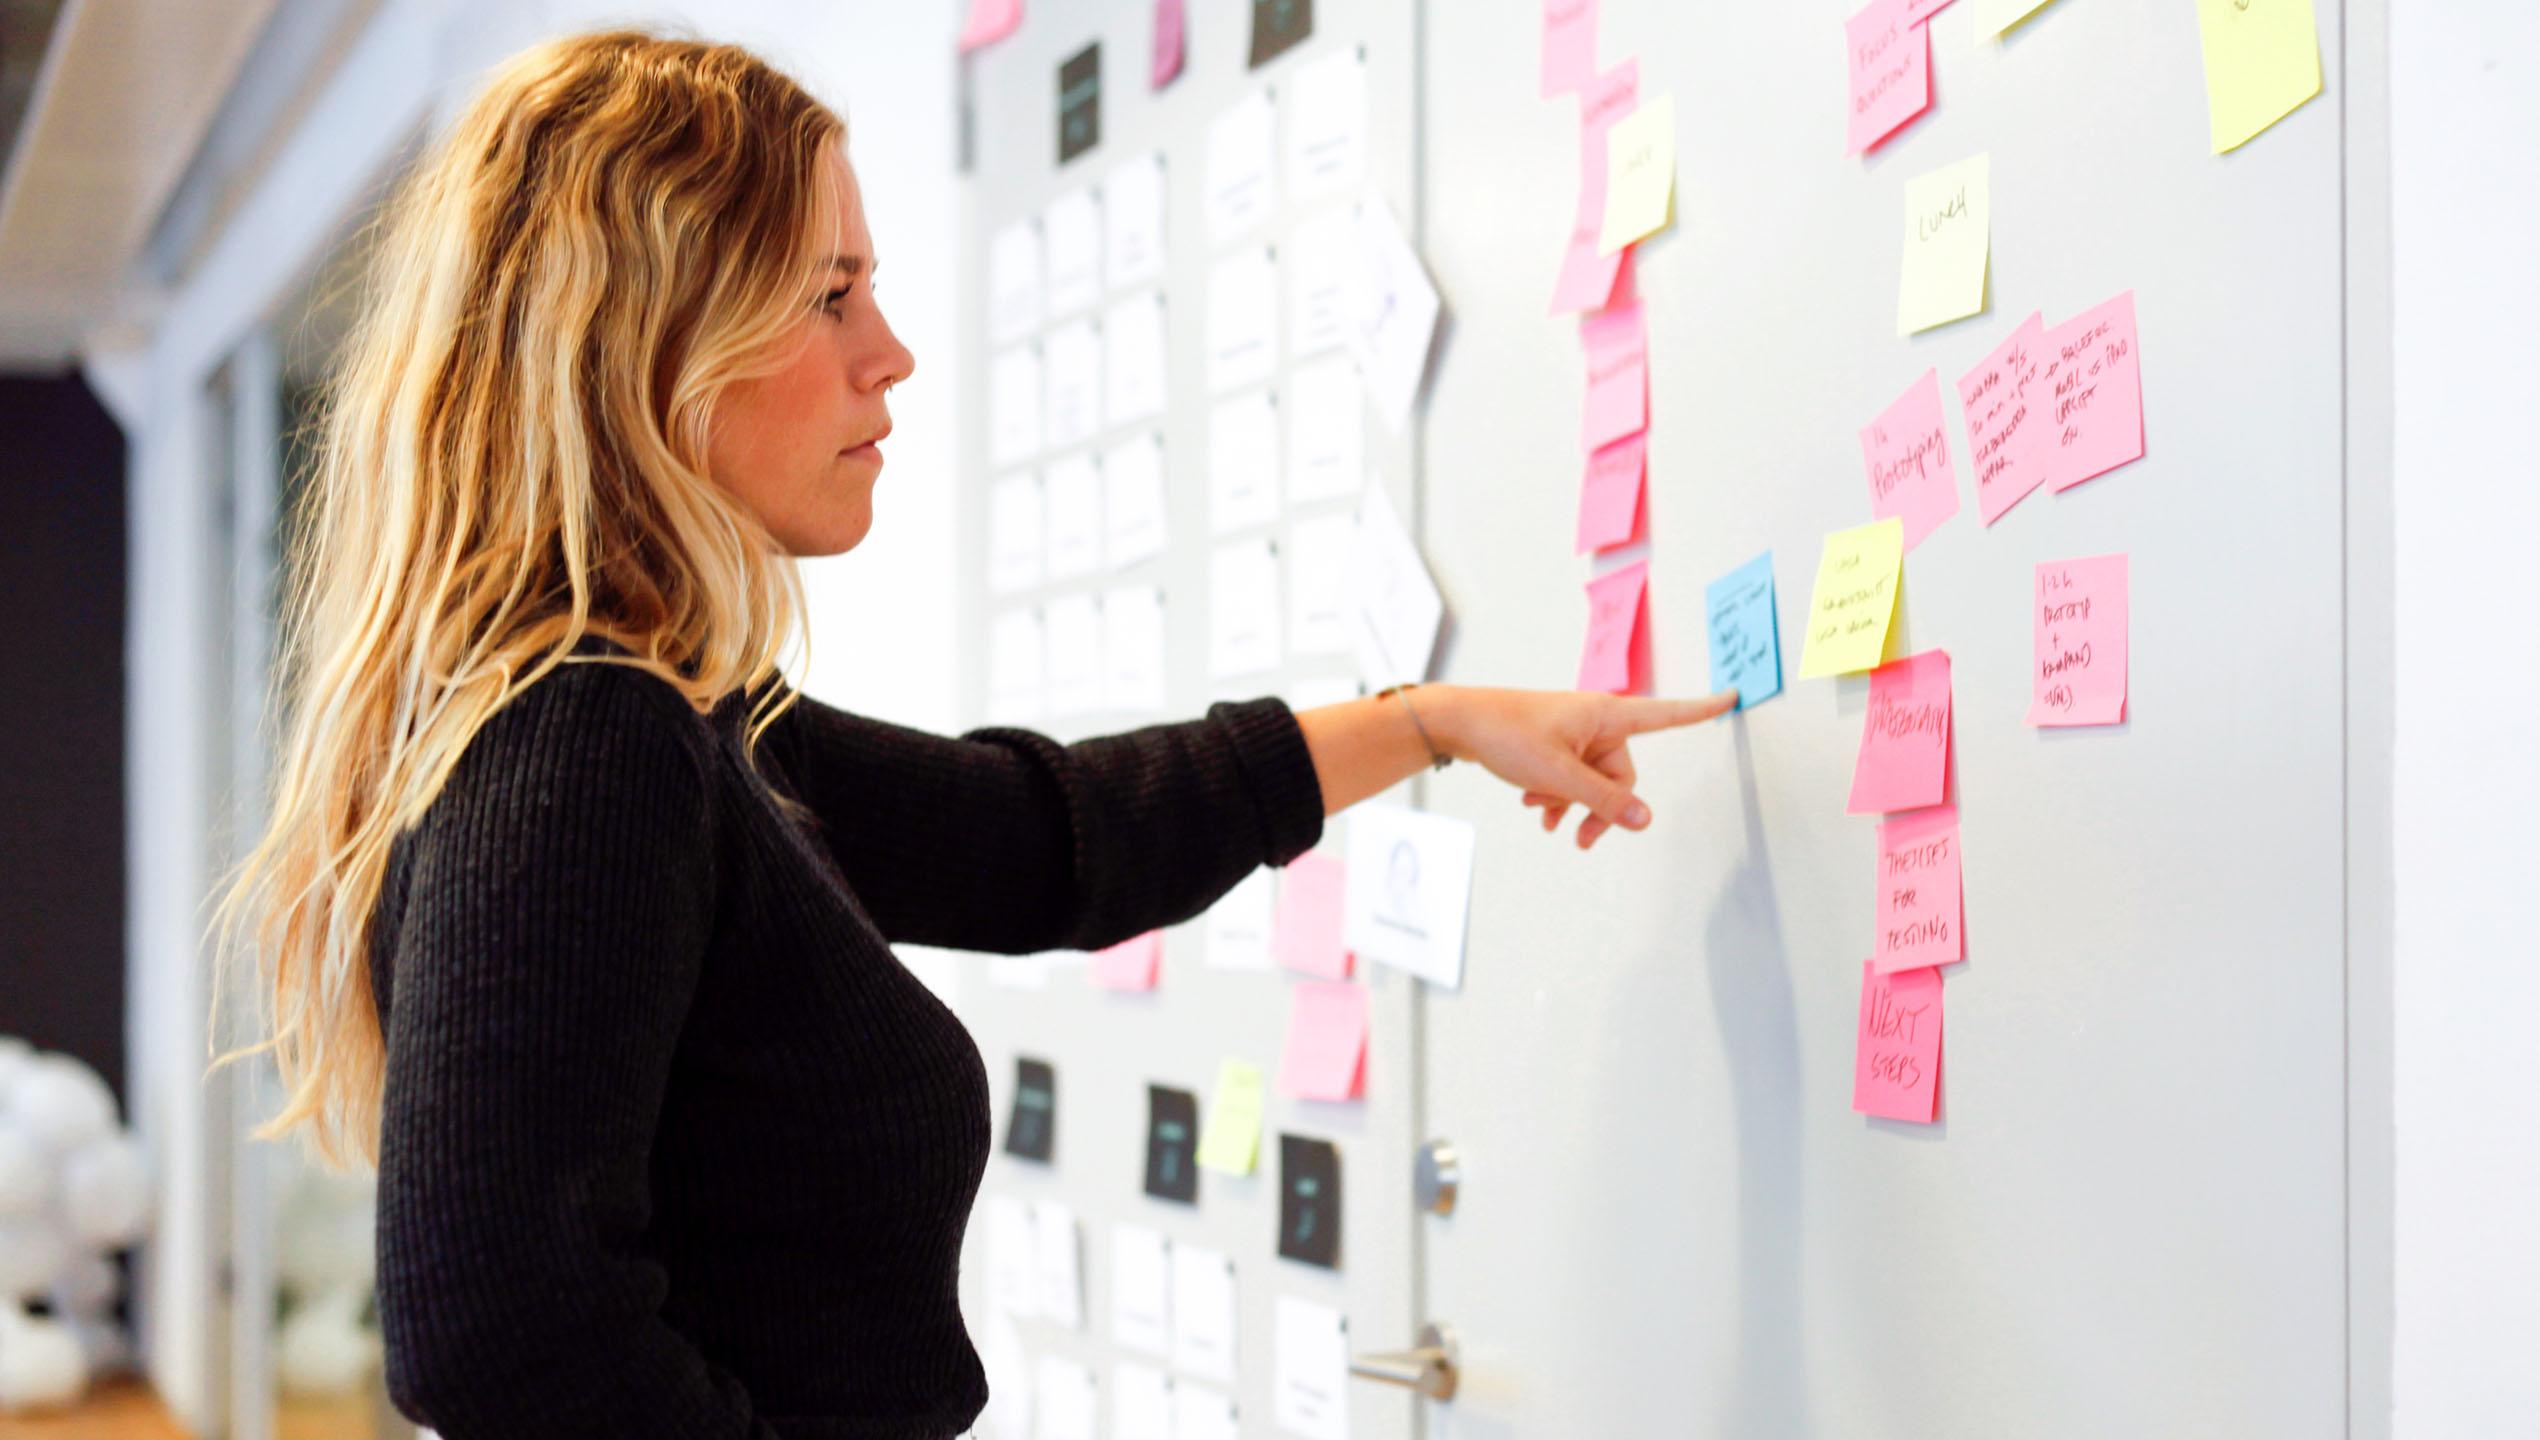 Kvinna som står framför en whiteboard med massor av postat-lappar